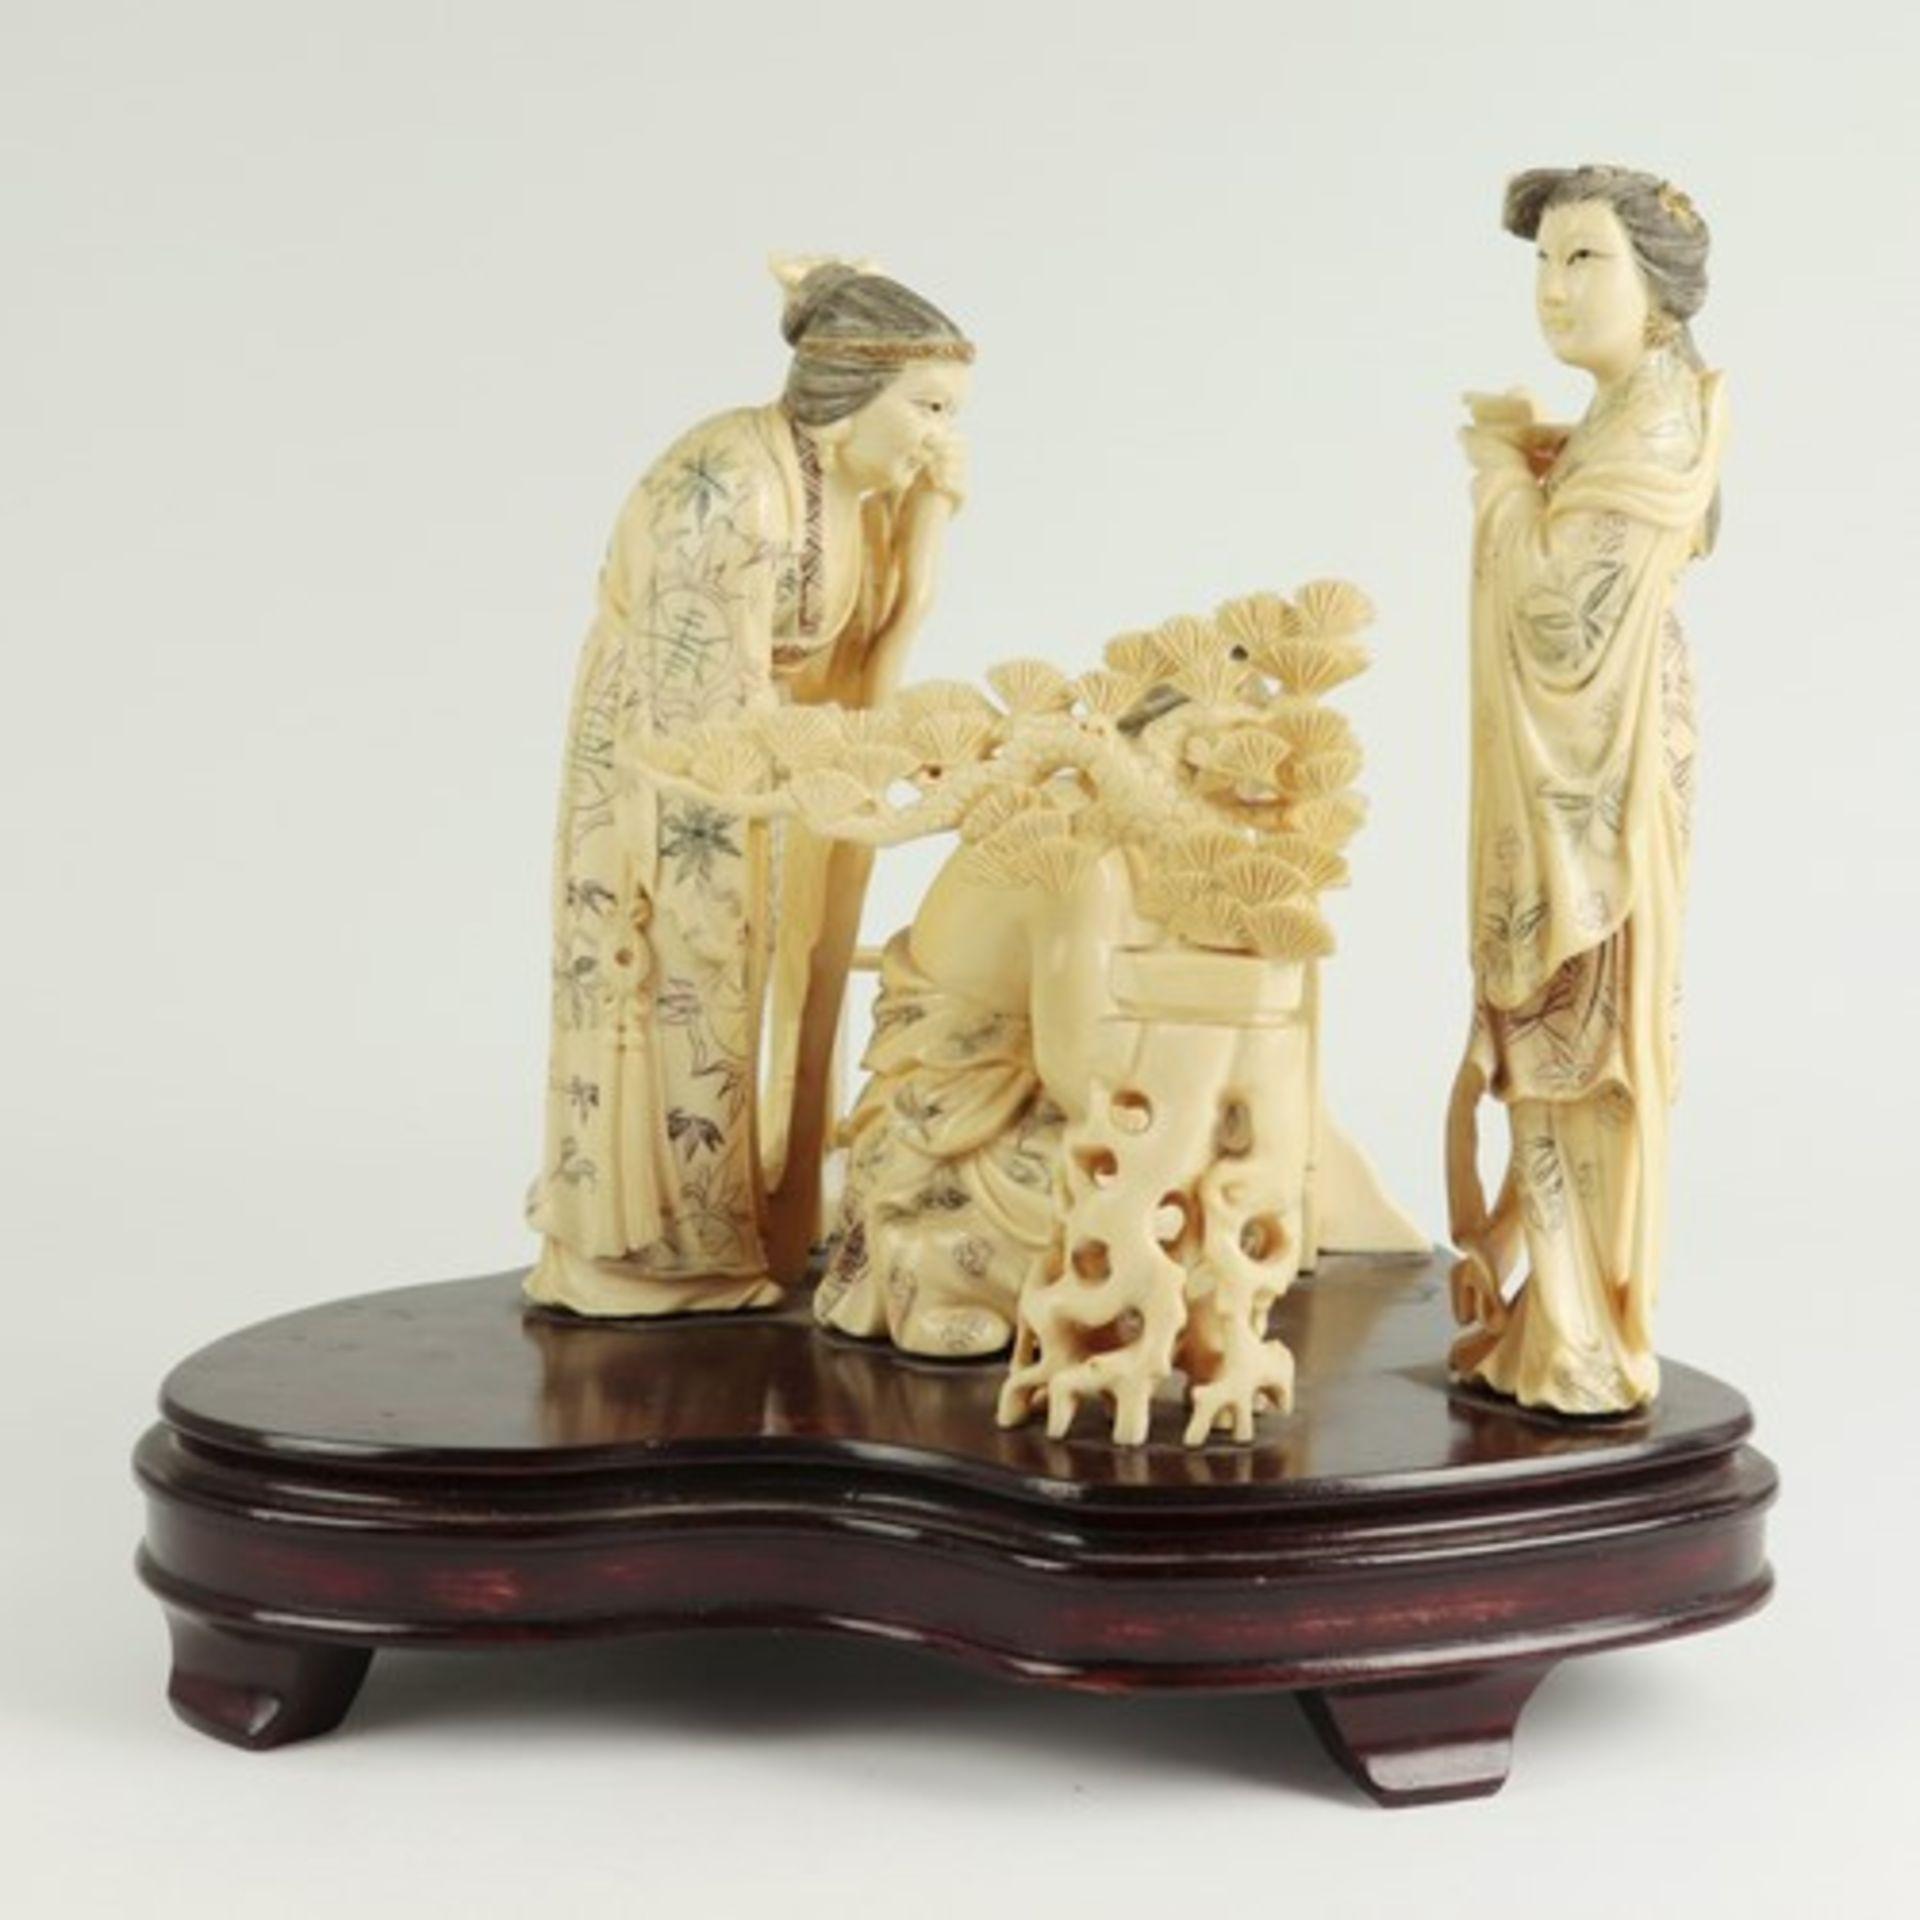 Figurengruppe - Elfenbeinschnitzereium 1900/10, auf geschwungenem, profiliertem Holzsockel, - Bild 2 aus 6